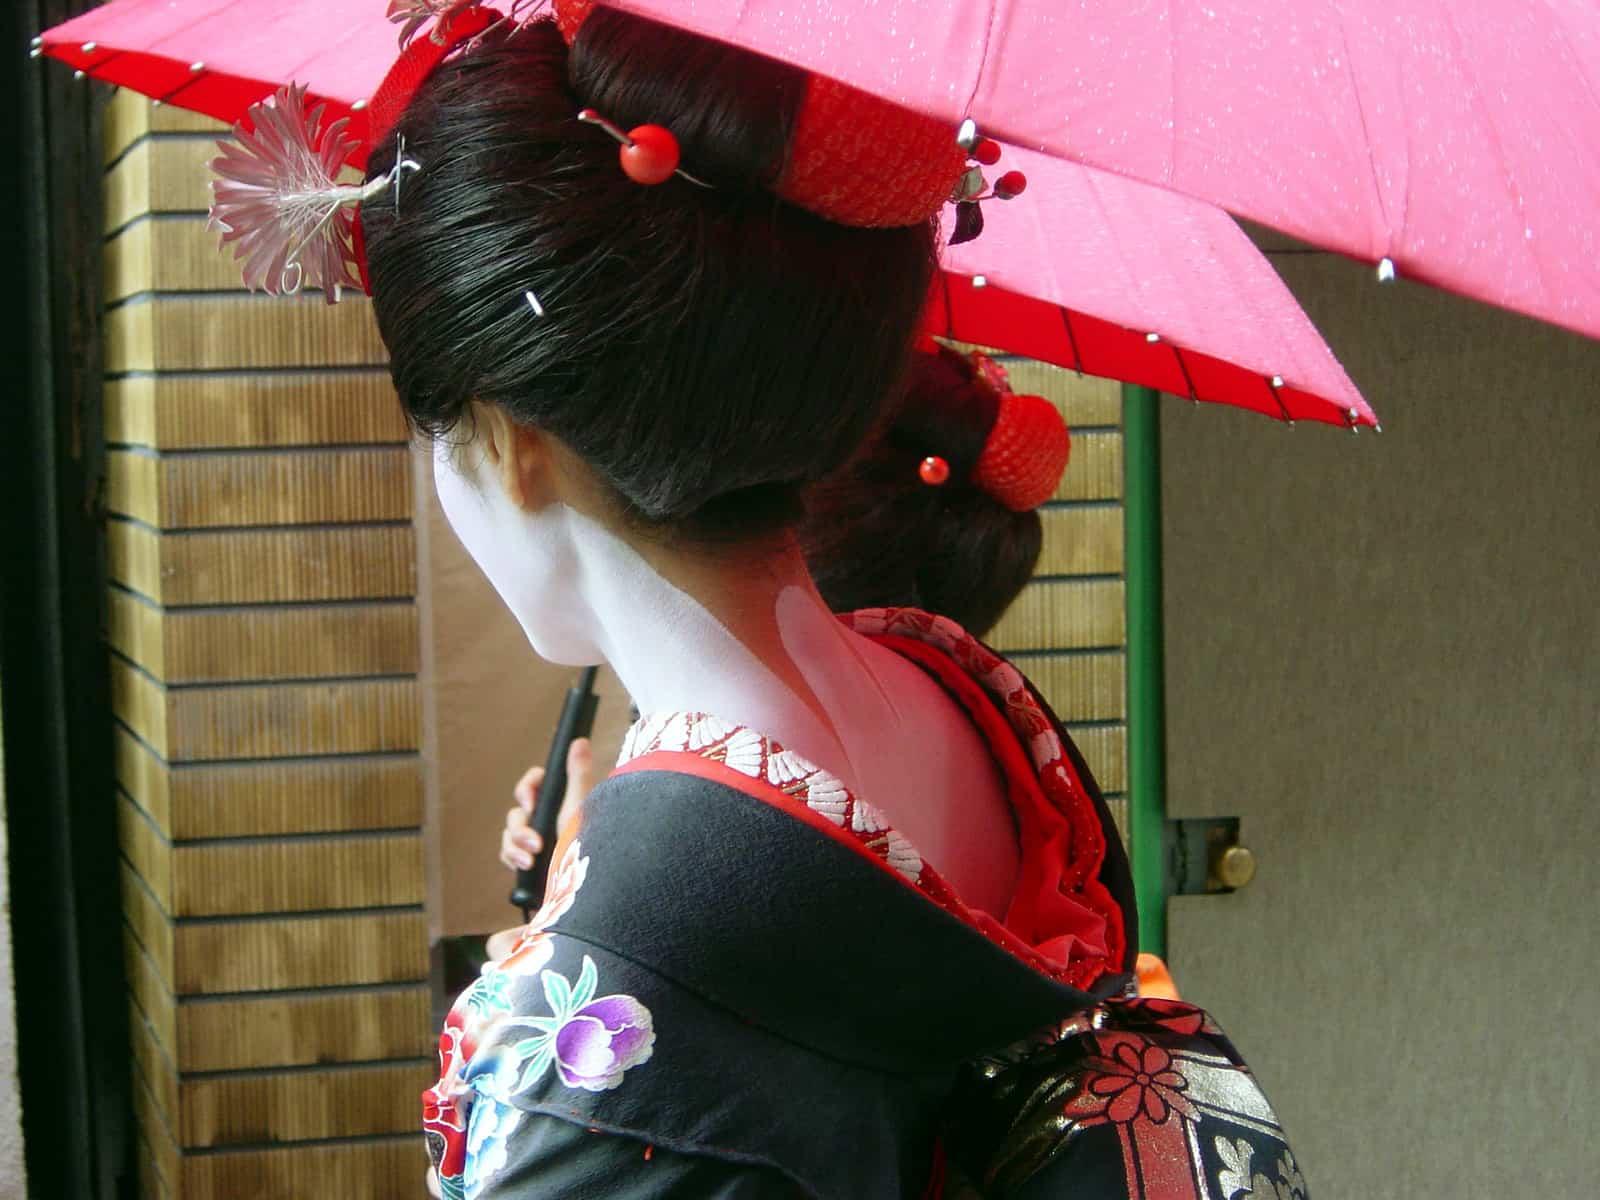 Budoucnost mladých Japonců je naplánována na roky dopředu!